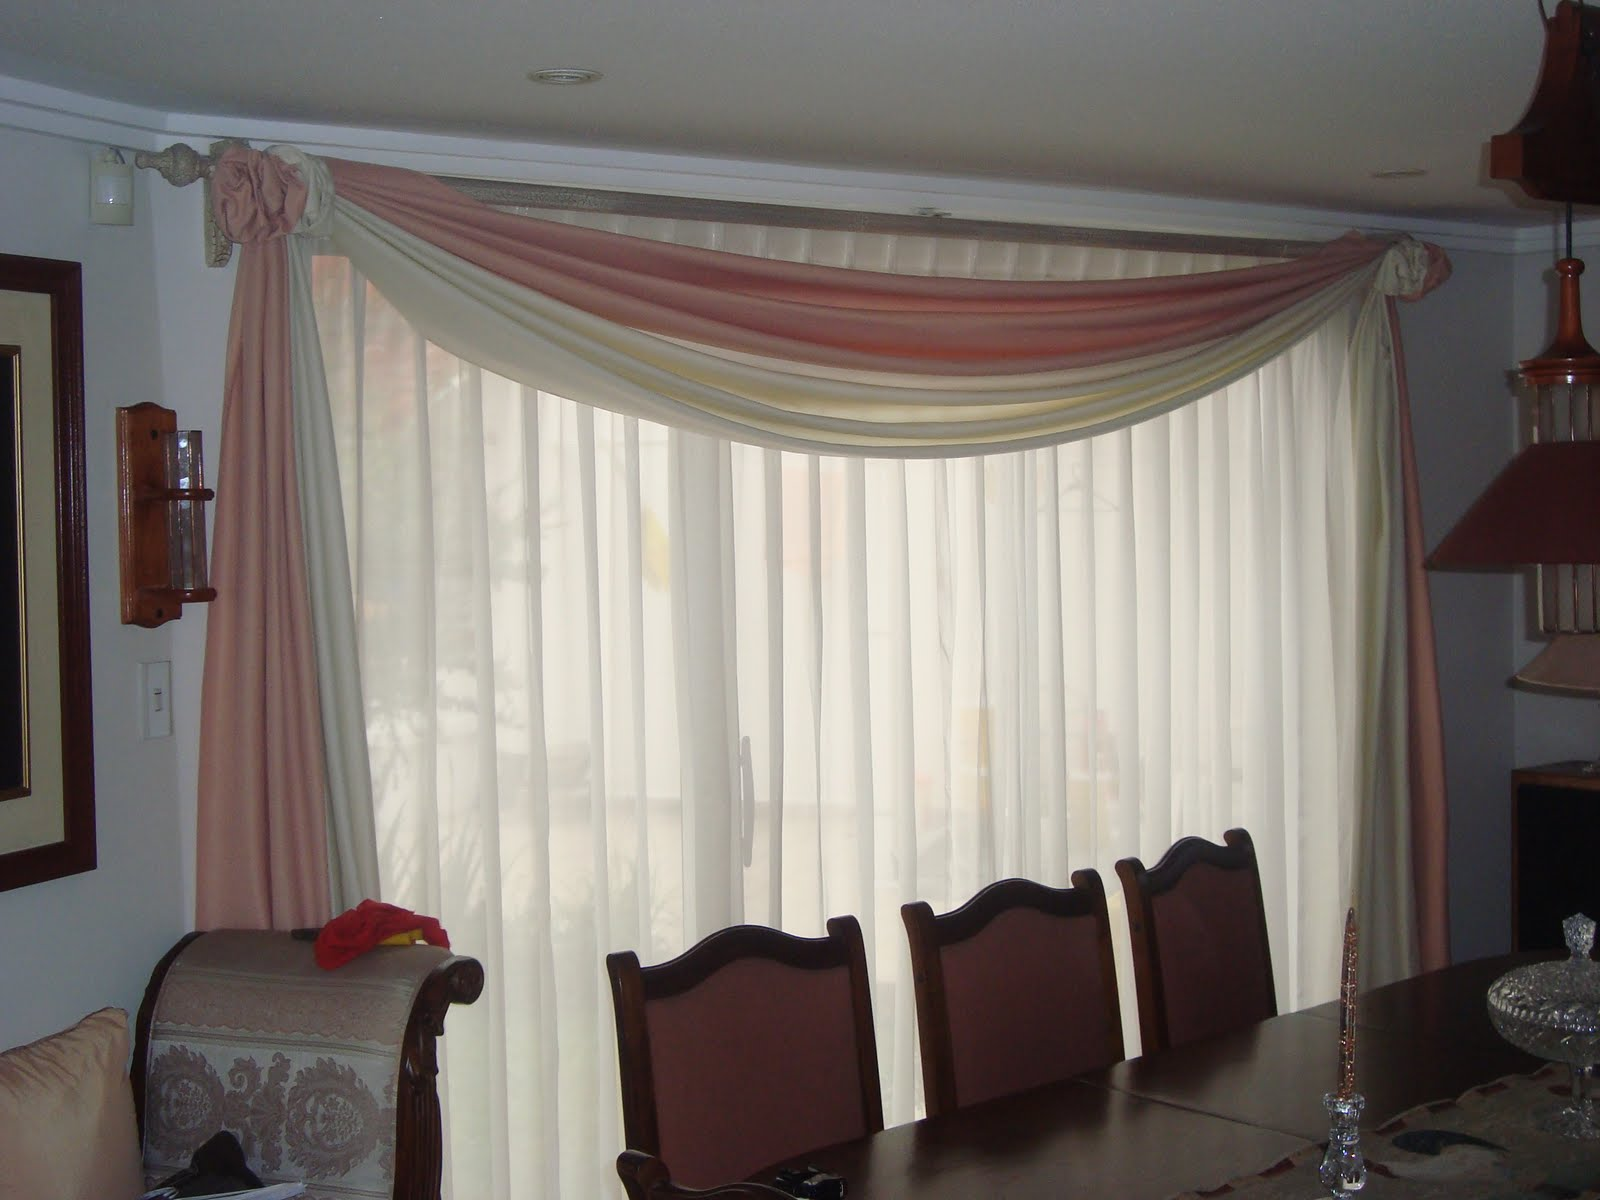 Cortinas y decoraciones dise os de cortinas - Diseno de cortinas ...